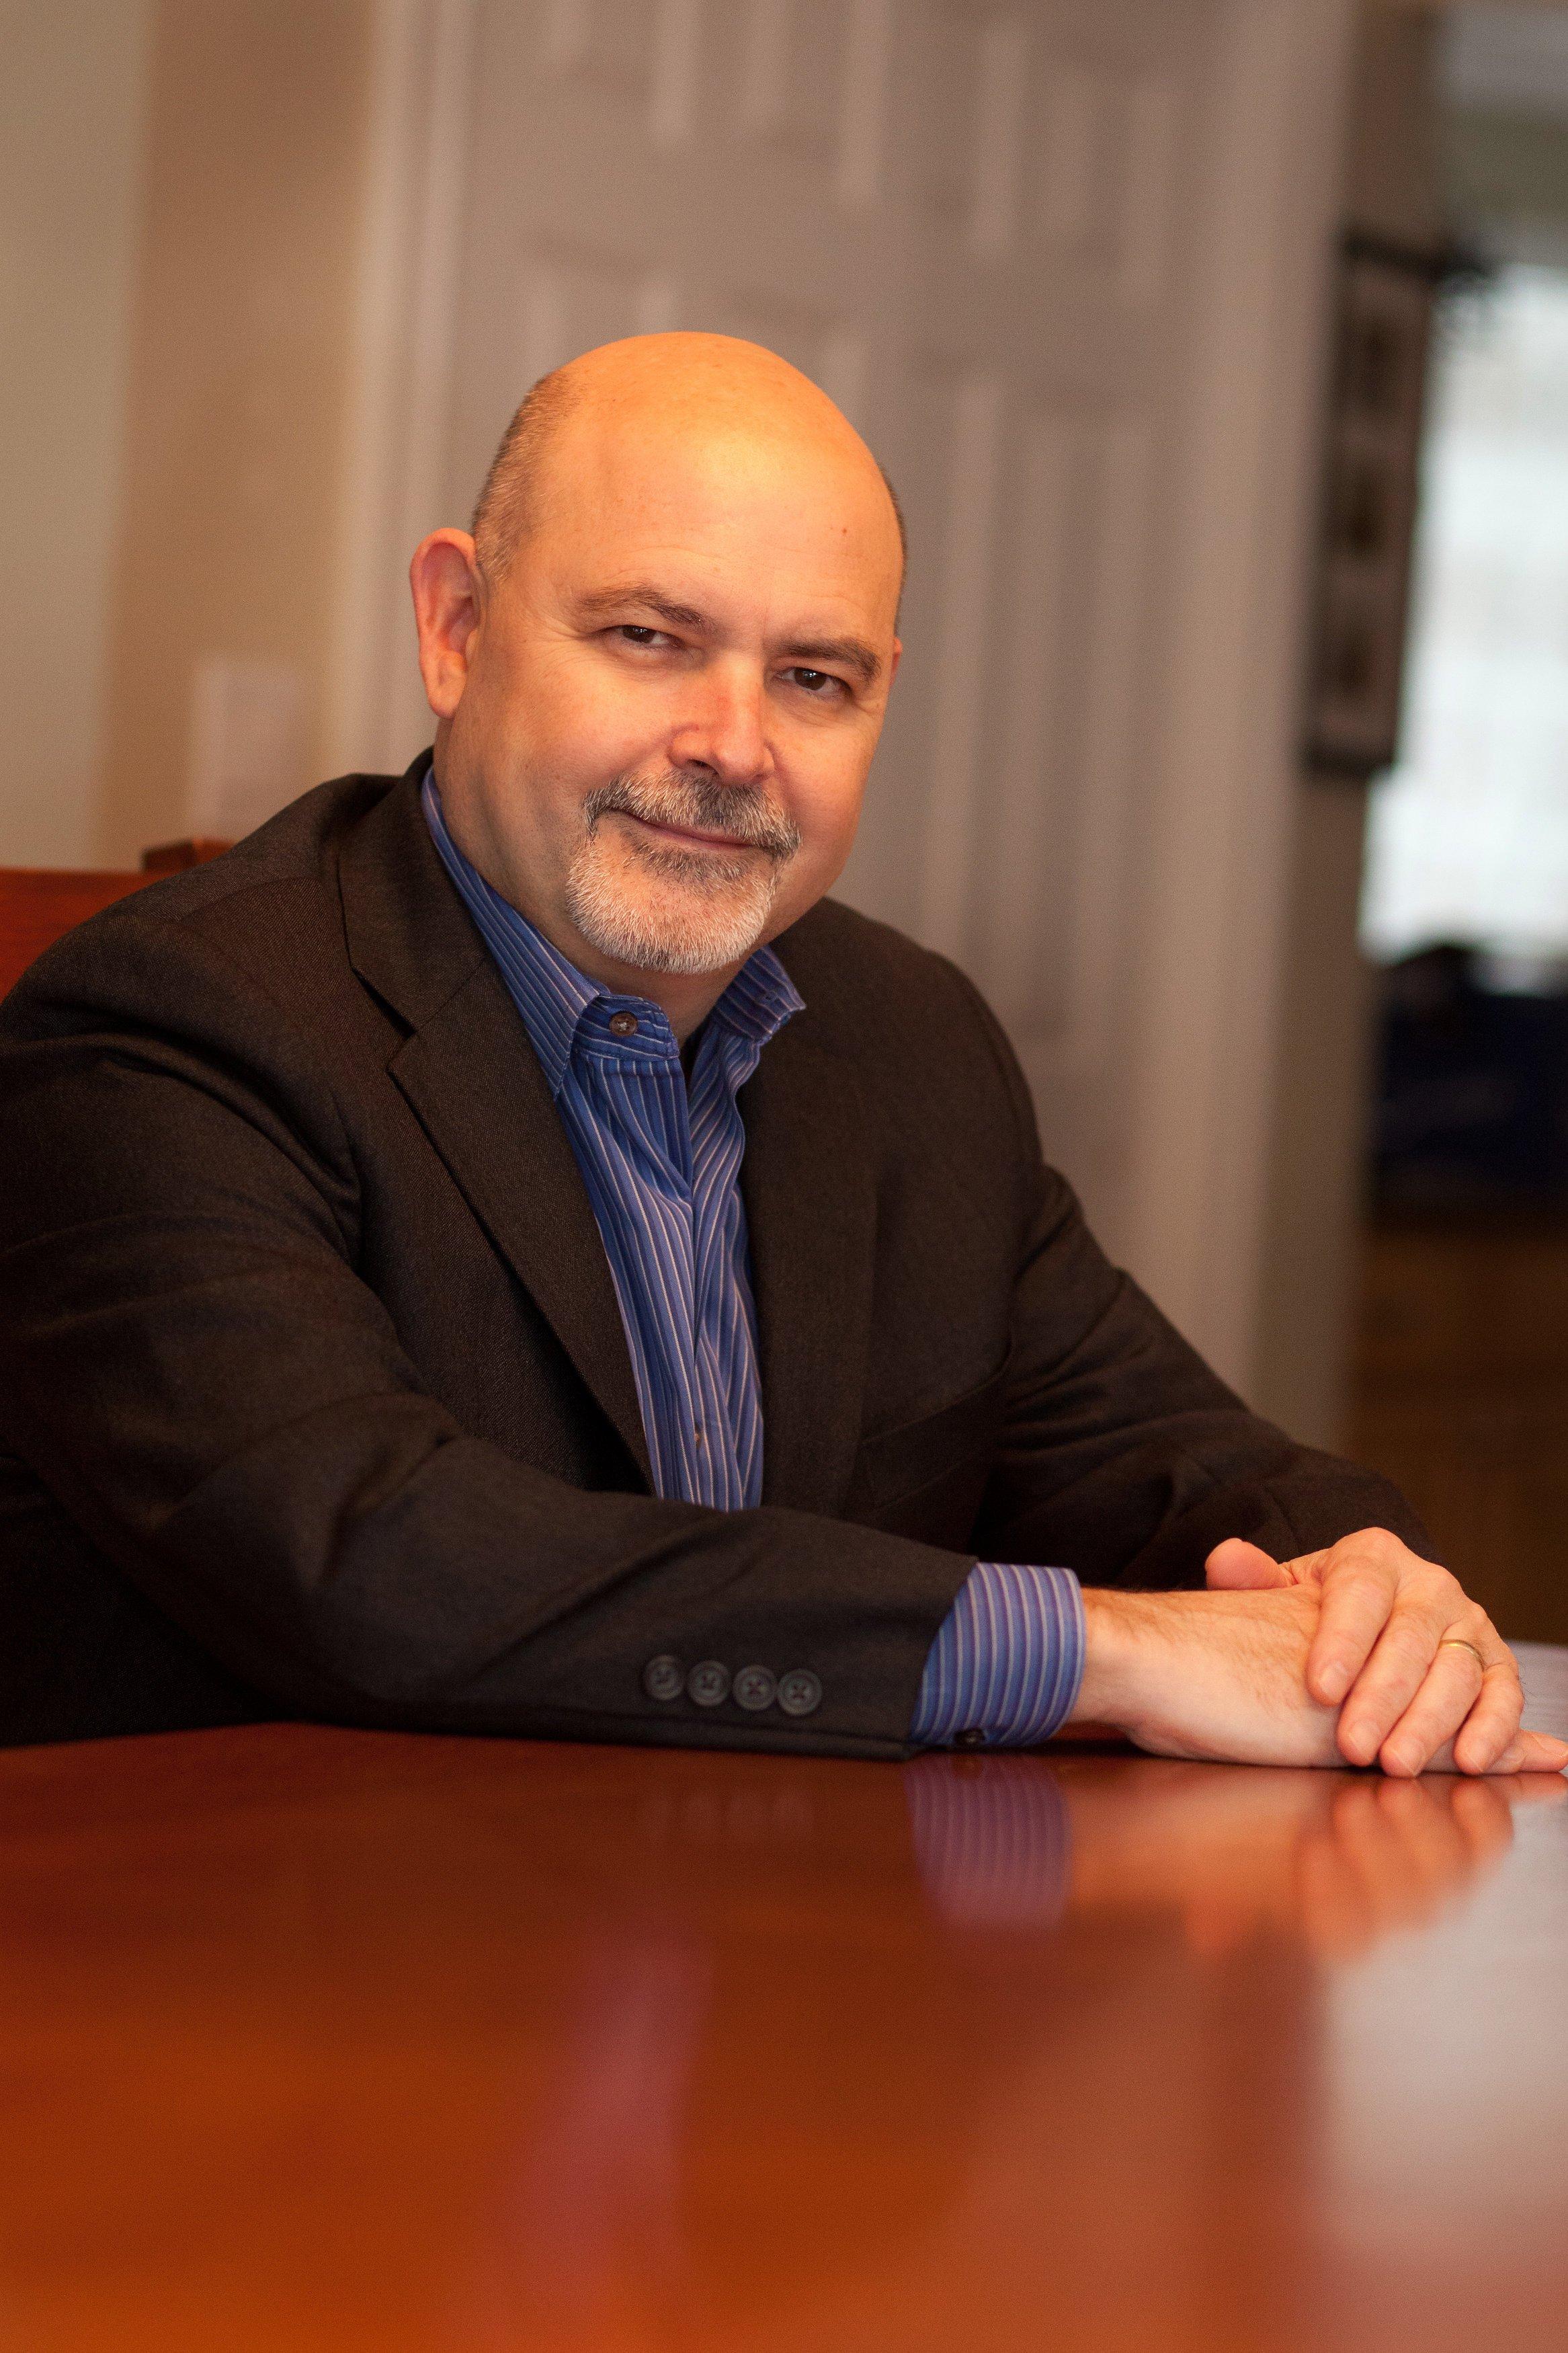 Tony D'Angelo, SVP - Corporate Development